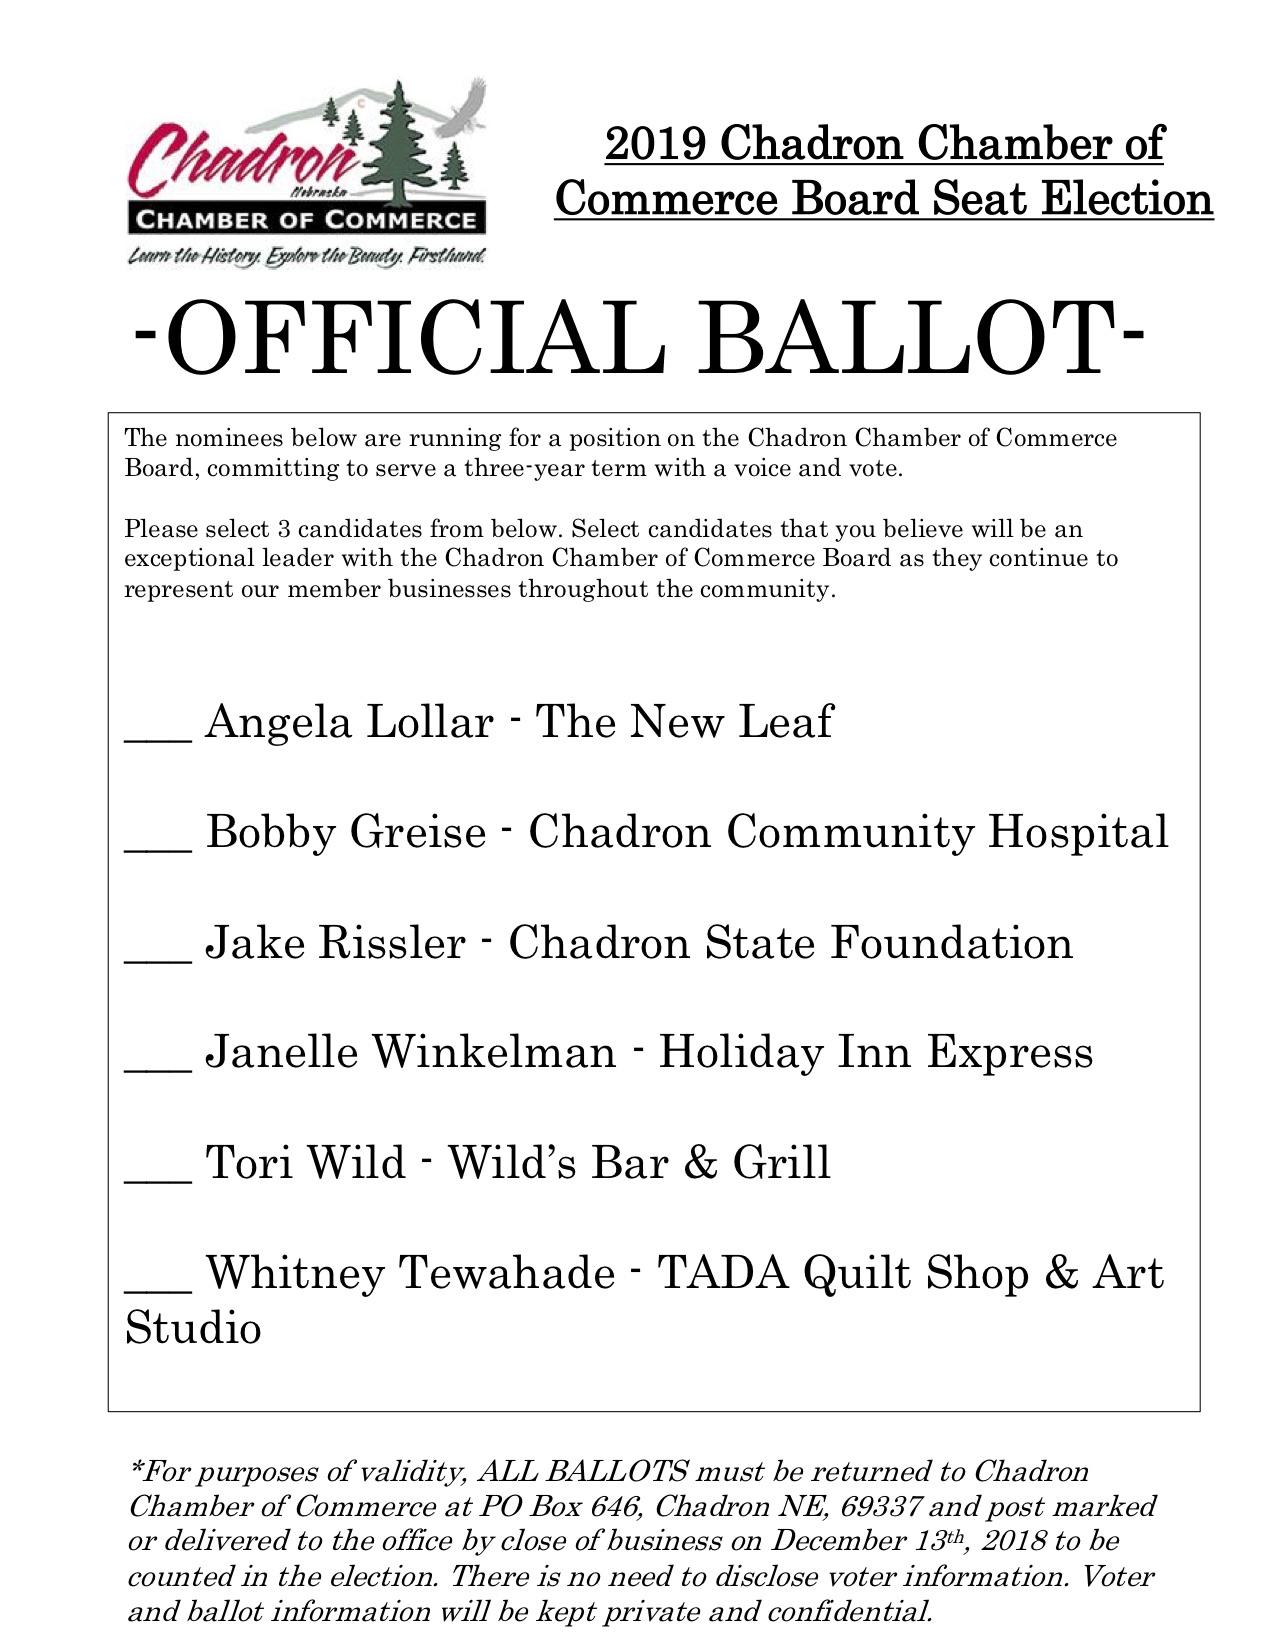 2018-Board-Seat-Election-Ballot.jpg